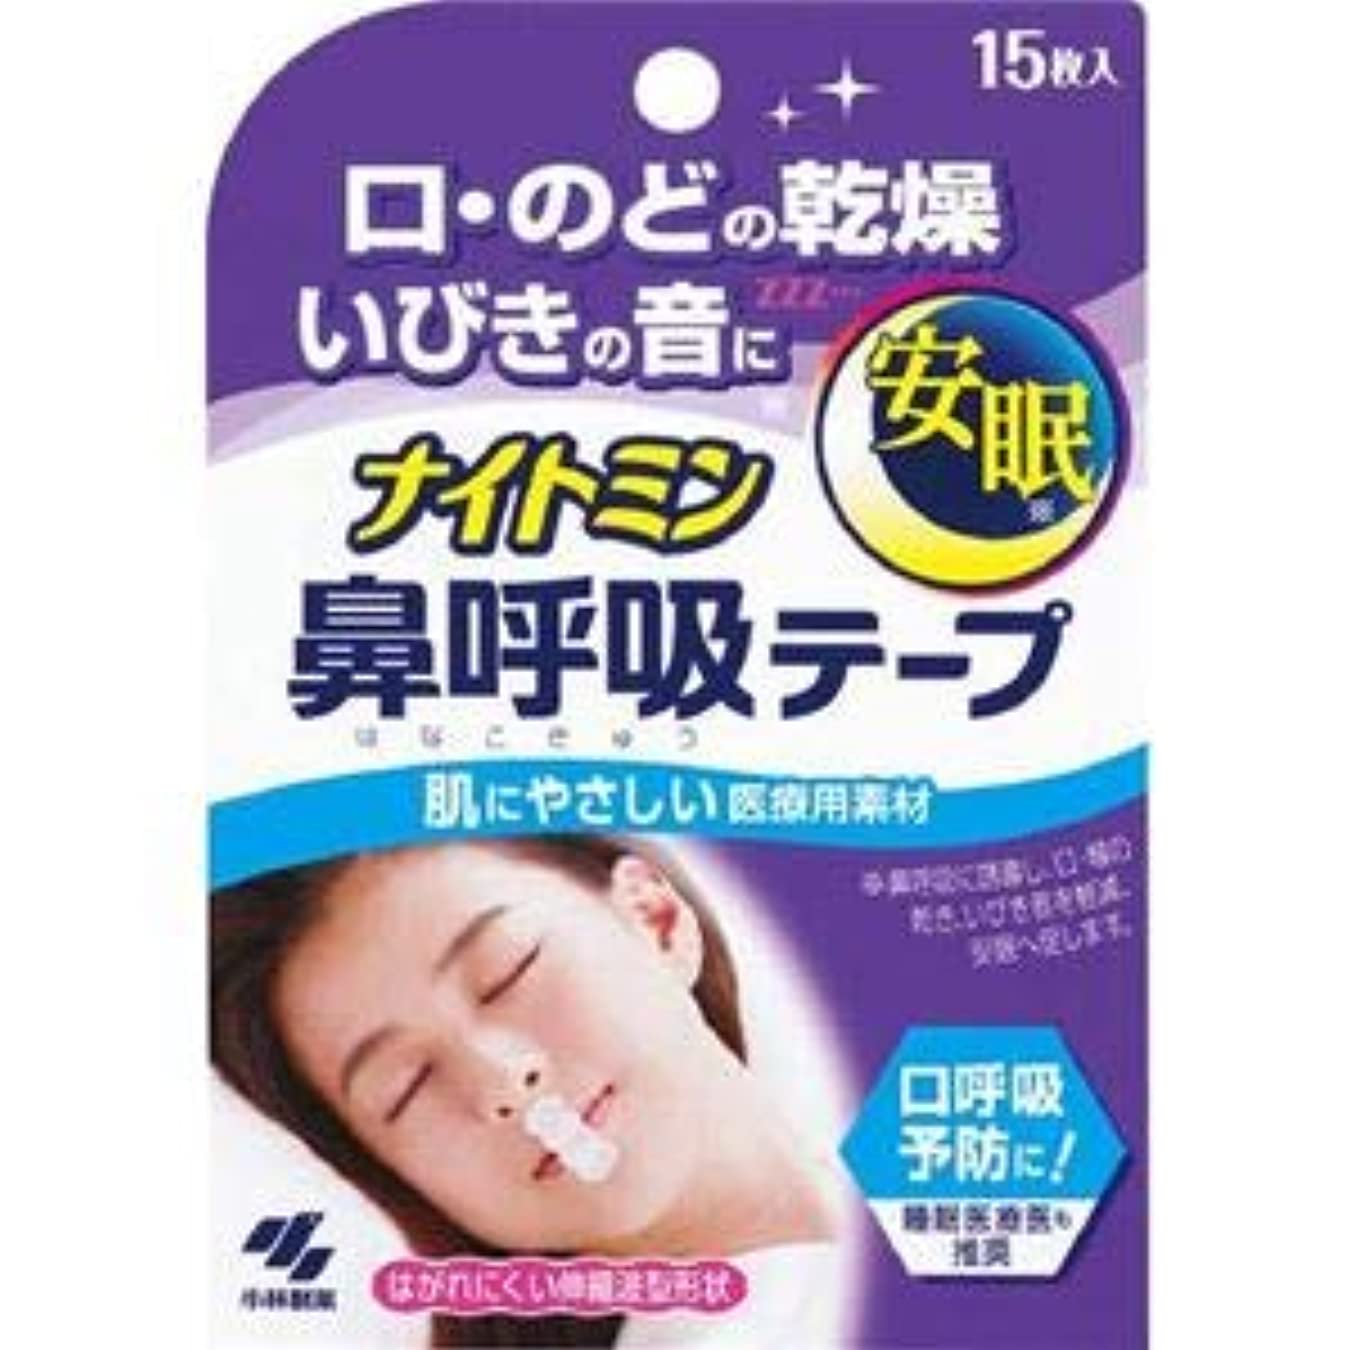 摂動気を散らすでる(まとめ)小林製薬 ナイトミン 鼻呼吸テープ 【×3点セット】